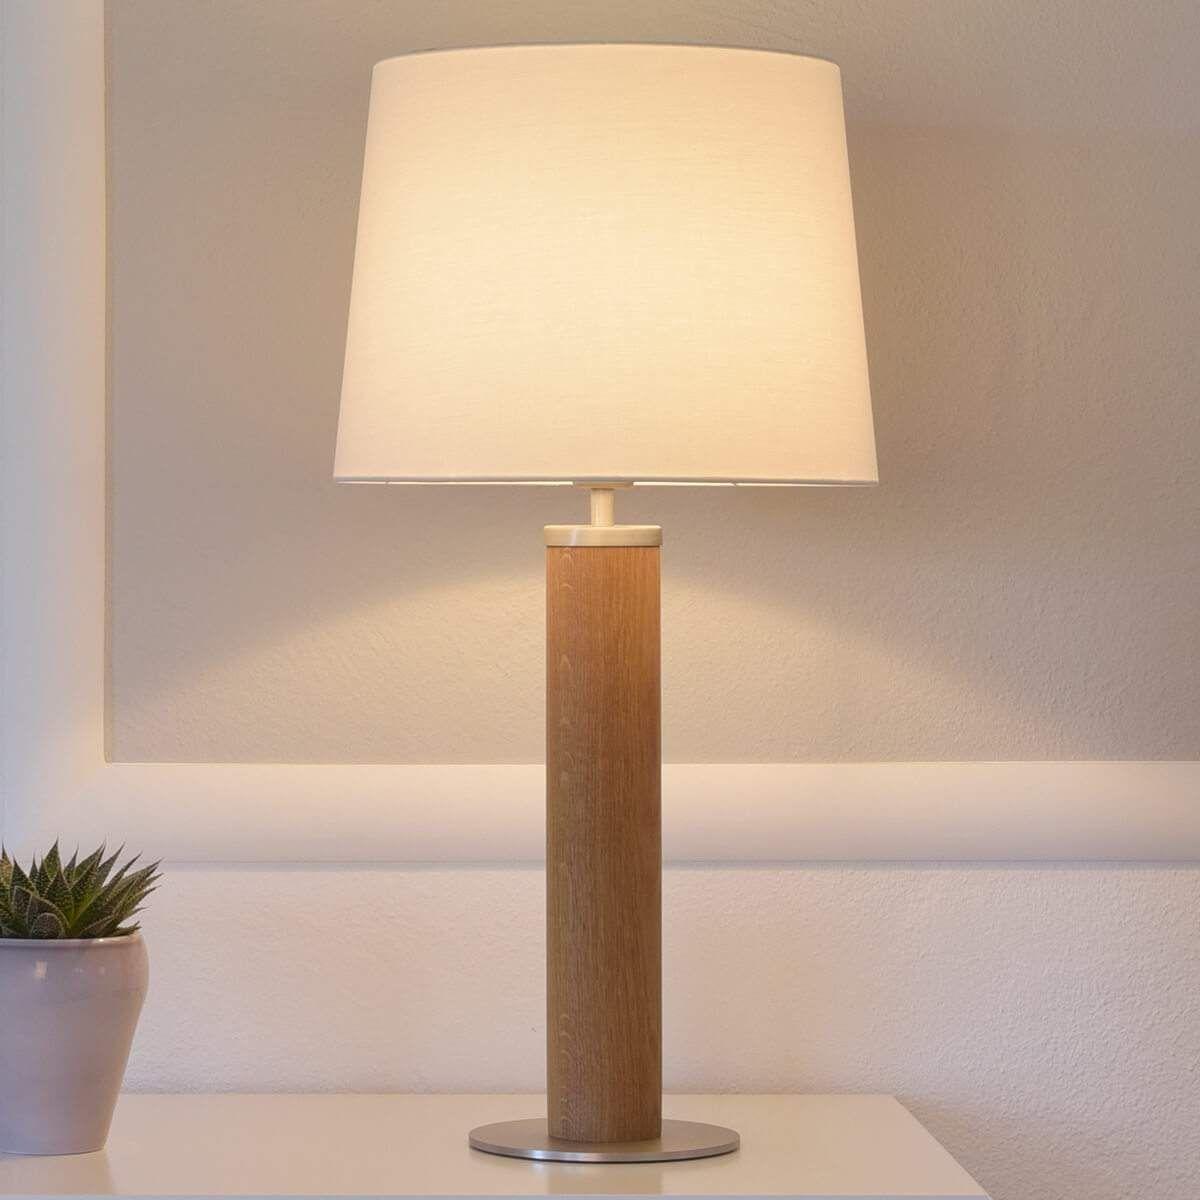 Design Tischlampe Moderne Leuchten Nachttischlampe Schirm Lampe Led Dimmbar Tischlampe Eckig Tischlampen Lampentisch Tischleuchte